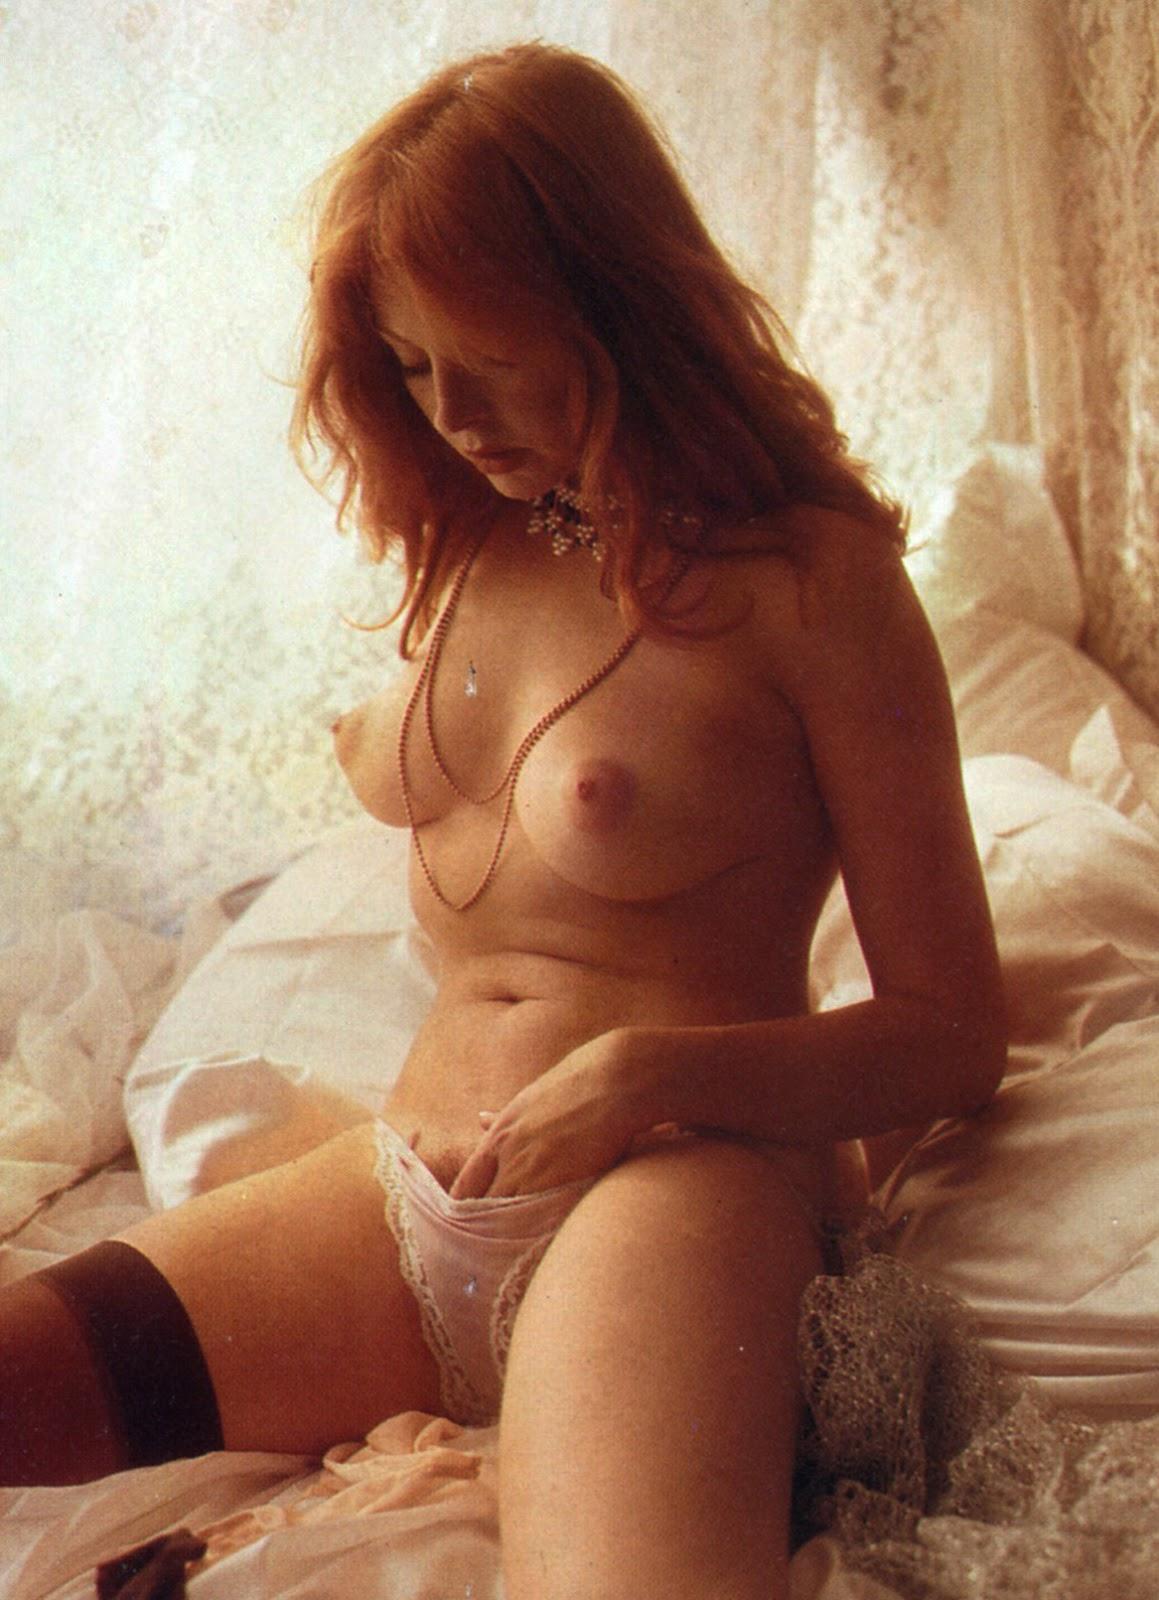 elvira cassandra peterson images nude